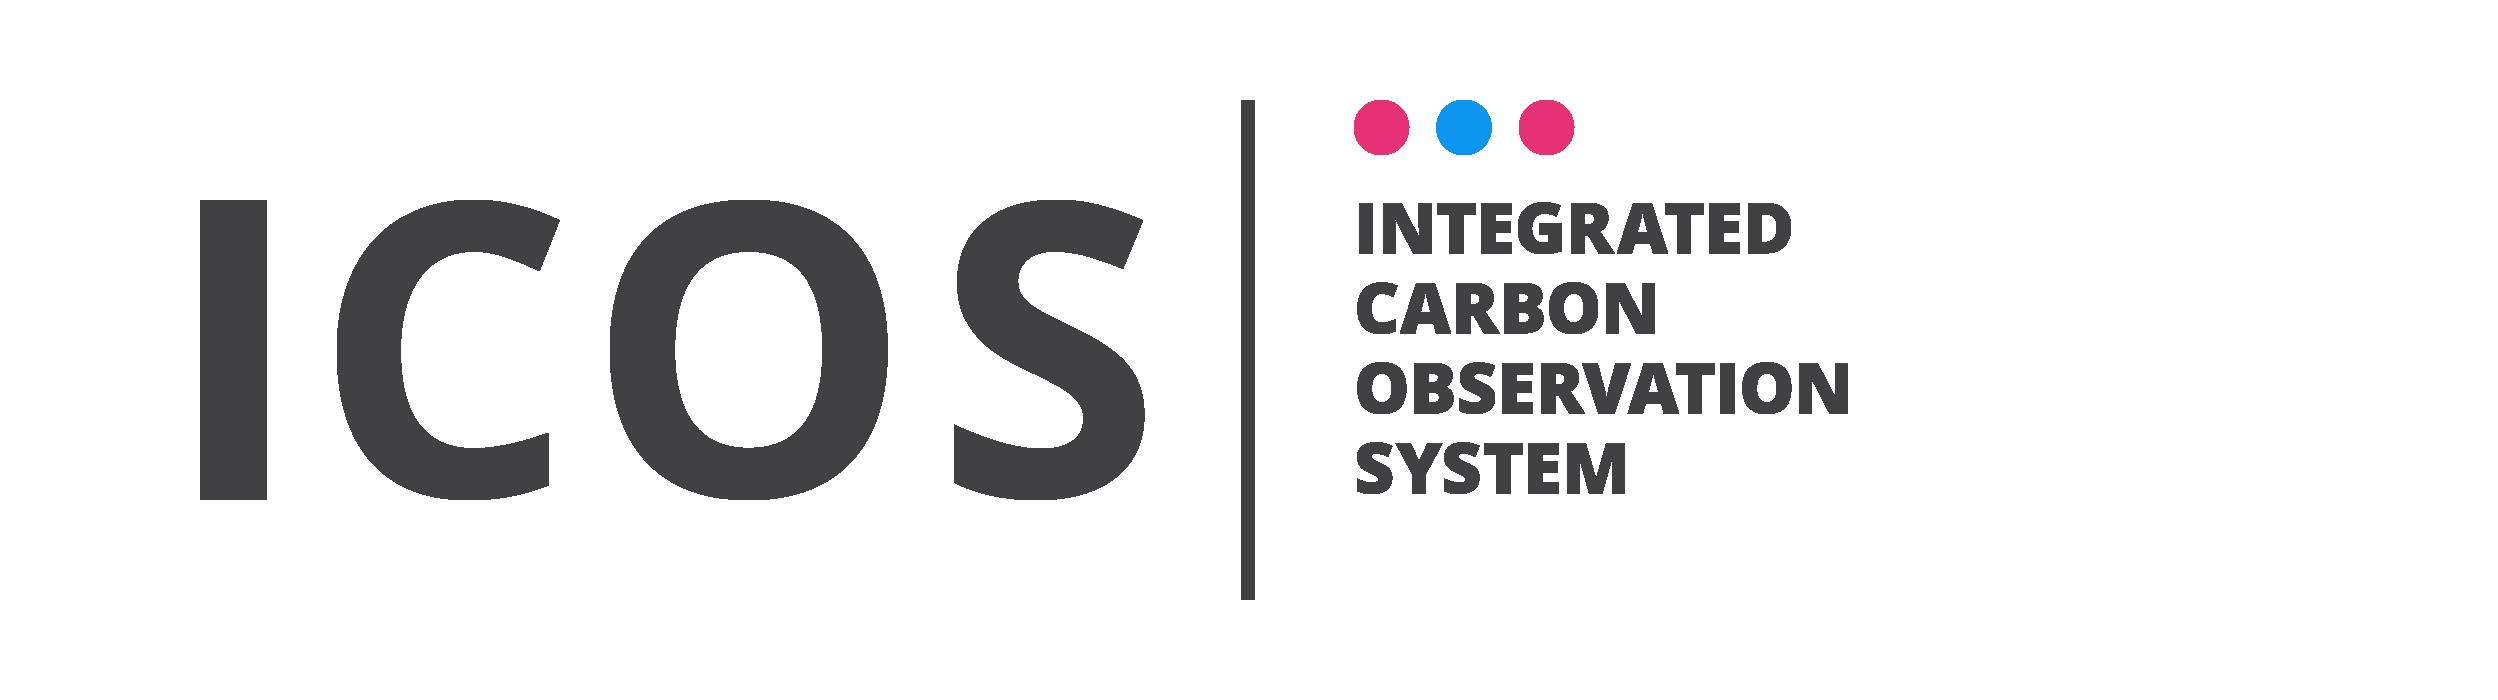 ICOS logo